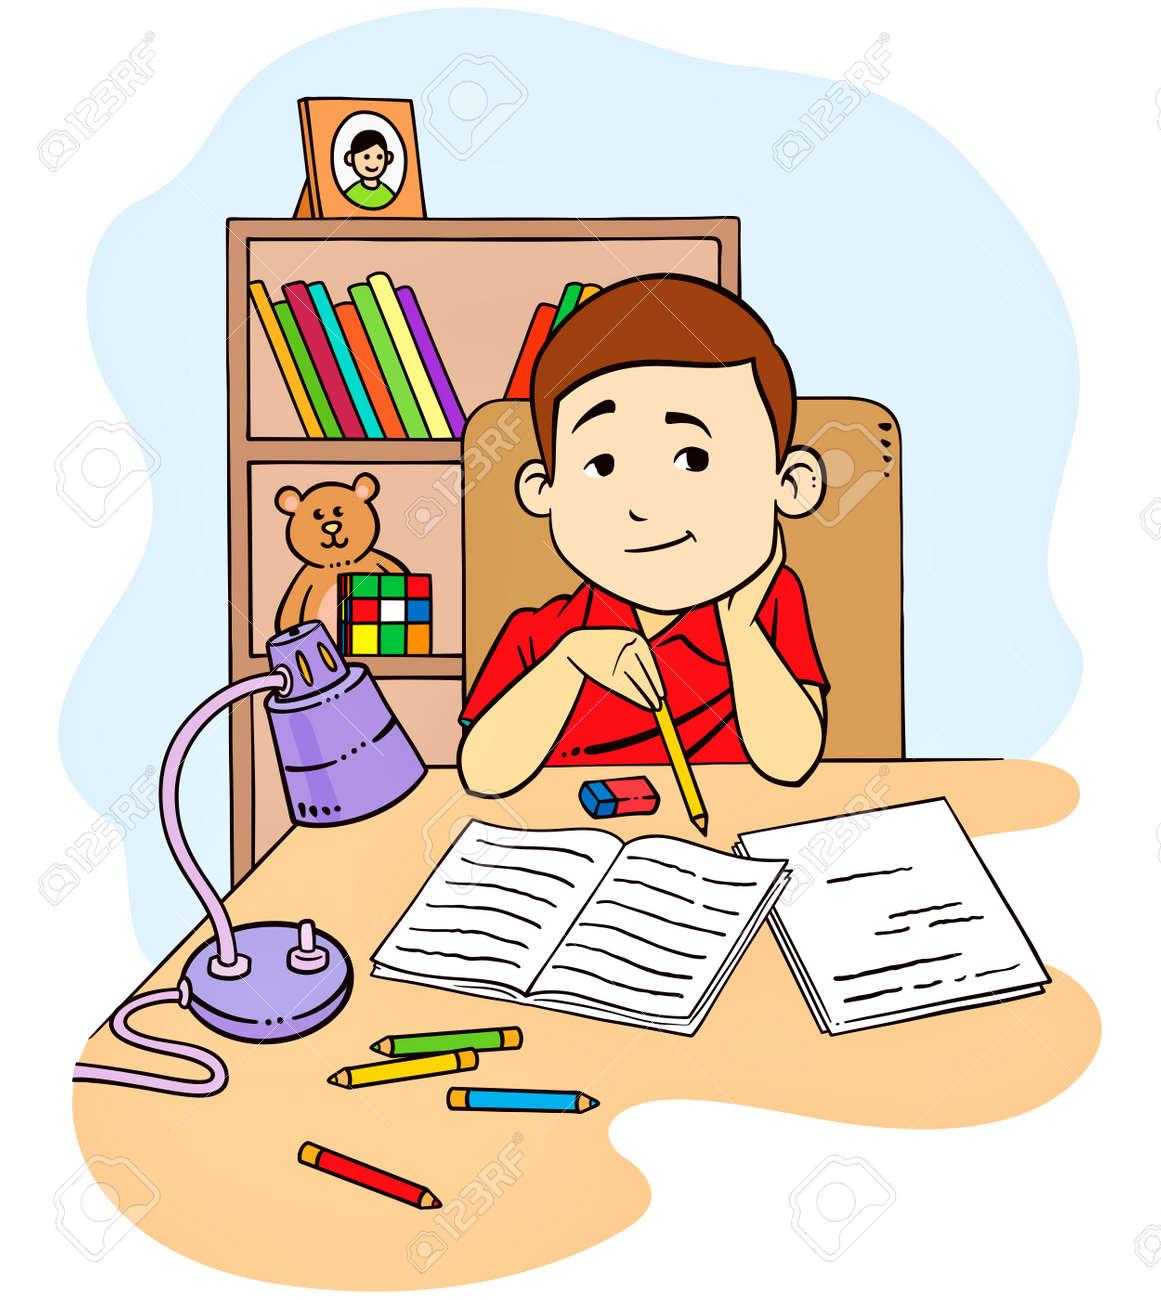 eine vektor-illustration von einem kind zu studieren und macht, Schlafzimmer entwurf